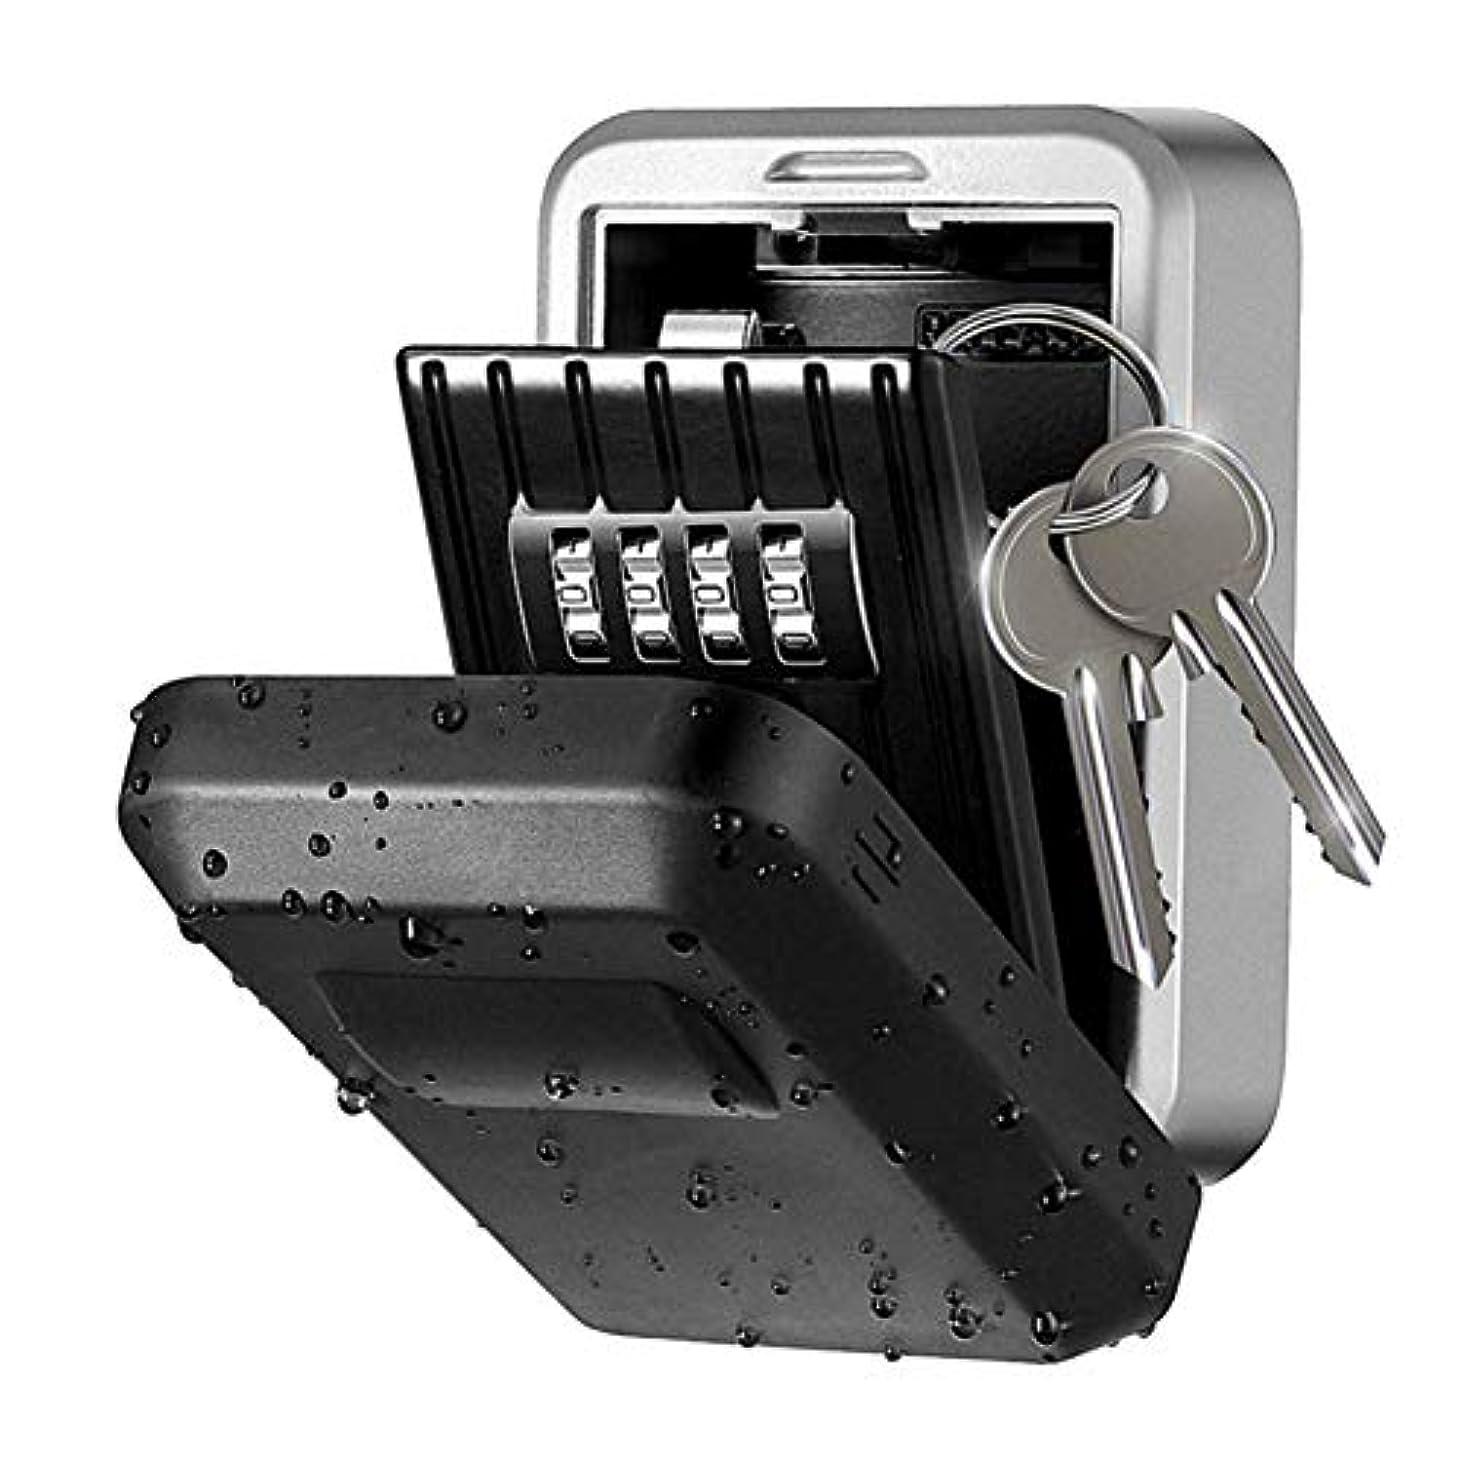 独立して有能な誤解させるKey Storage Box,ZOZOE Wall Mount Key Lock Box - Strong, Metal, Outdoors 4 Digit Combination Wall Mount Key Safe Security Storage Box for Sharing Keys Securely Indoor and Outdoor Home Office